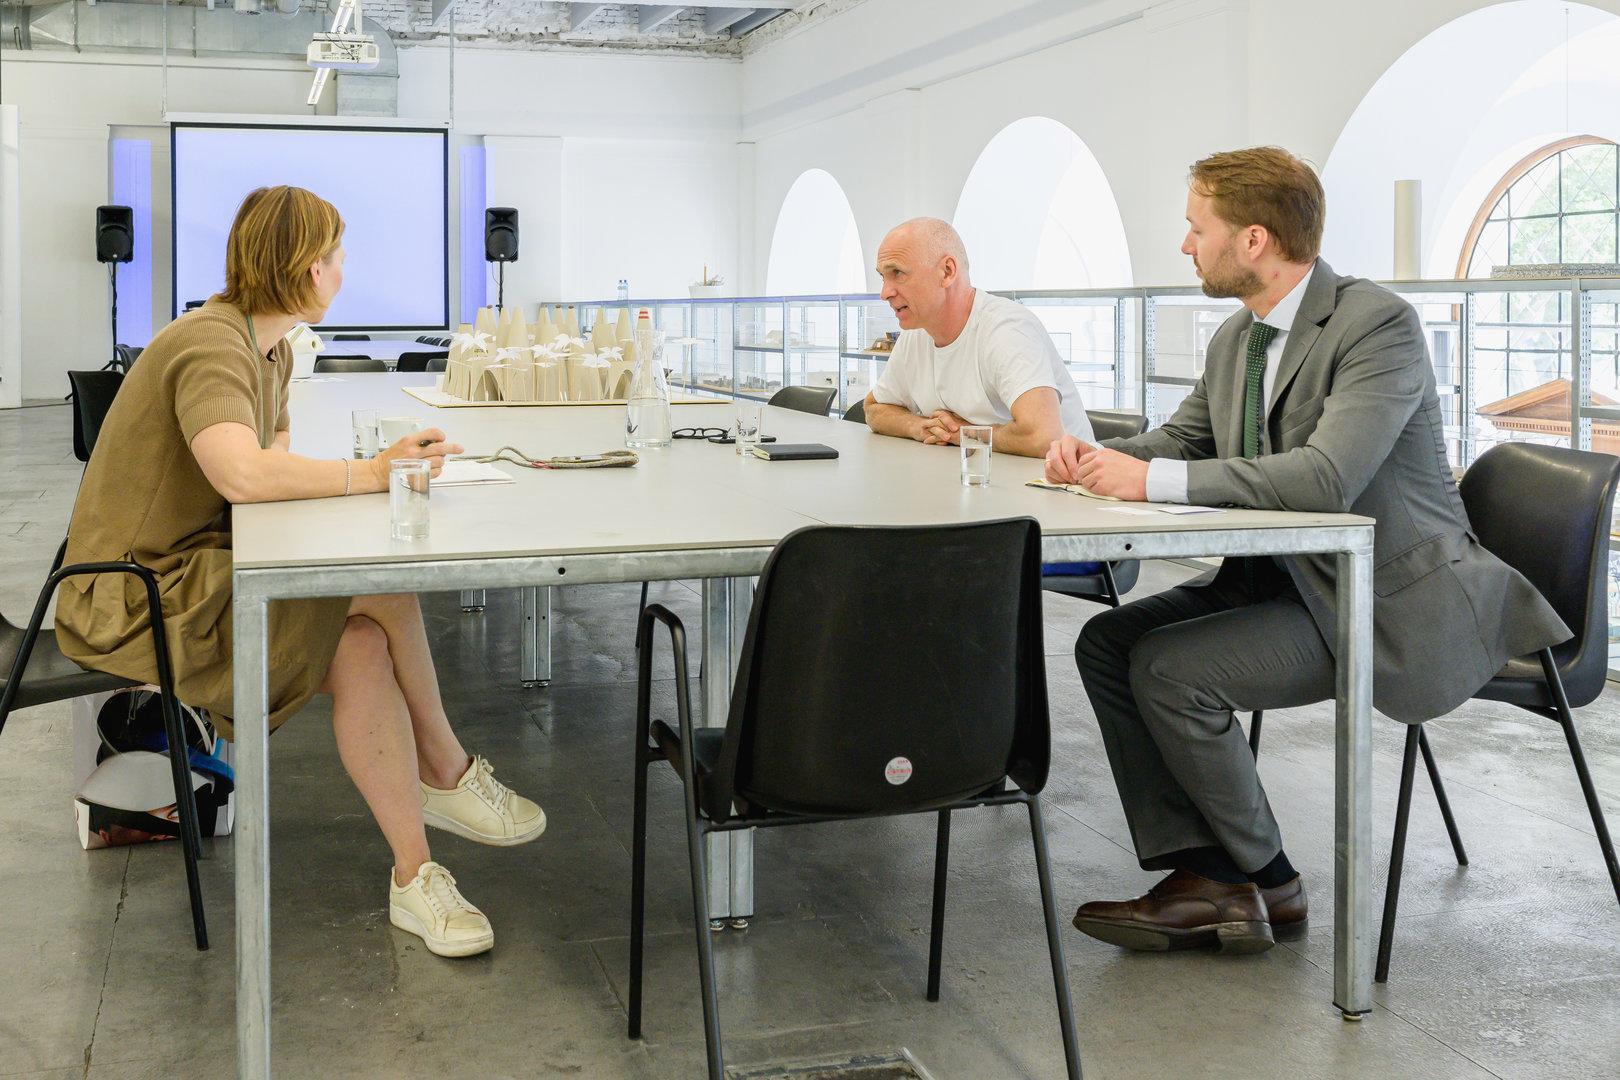 Der Expo-Architekt: Warum Gert Erhartt mit Emotion Punkten will